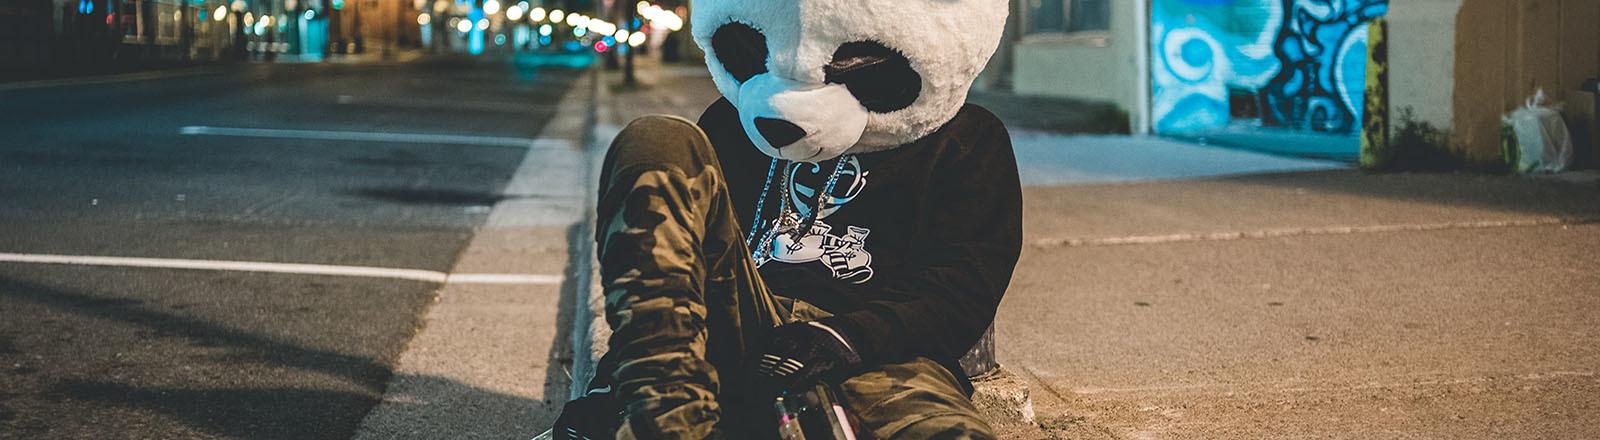 Mensch im Pandakostüm lehnt sich an eine Laterne